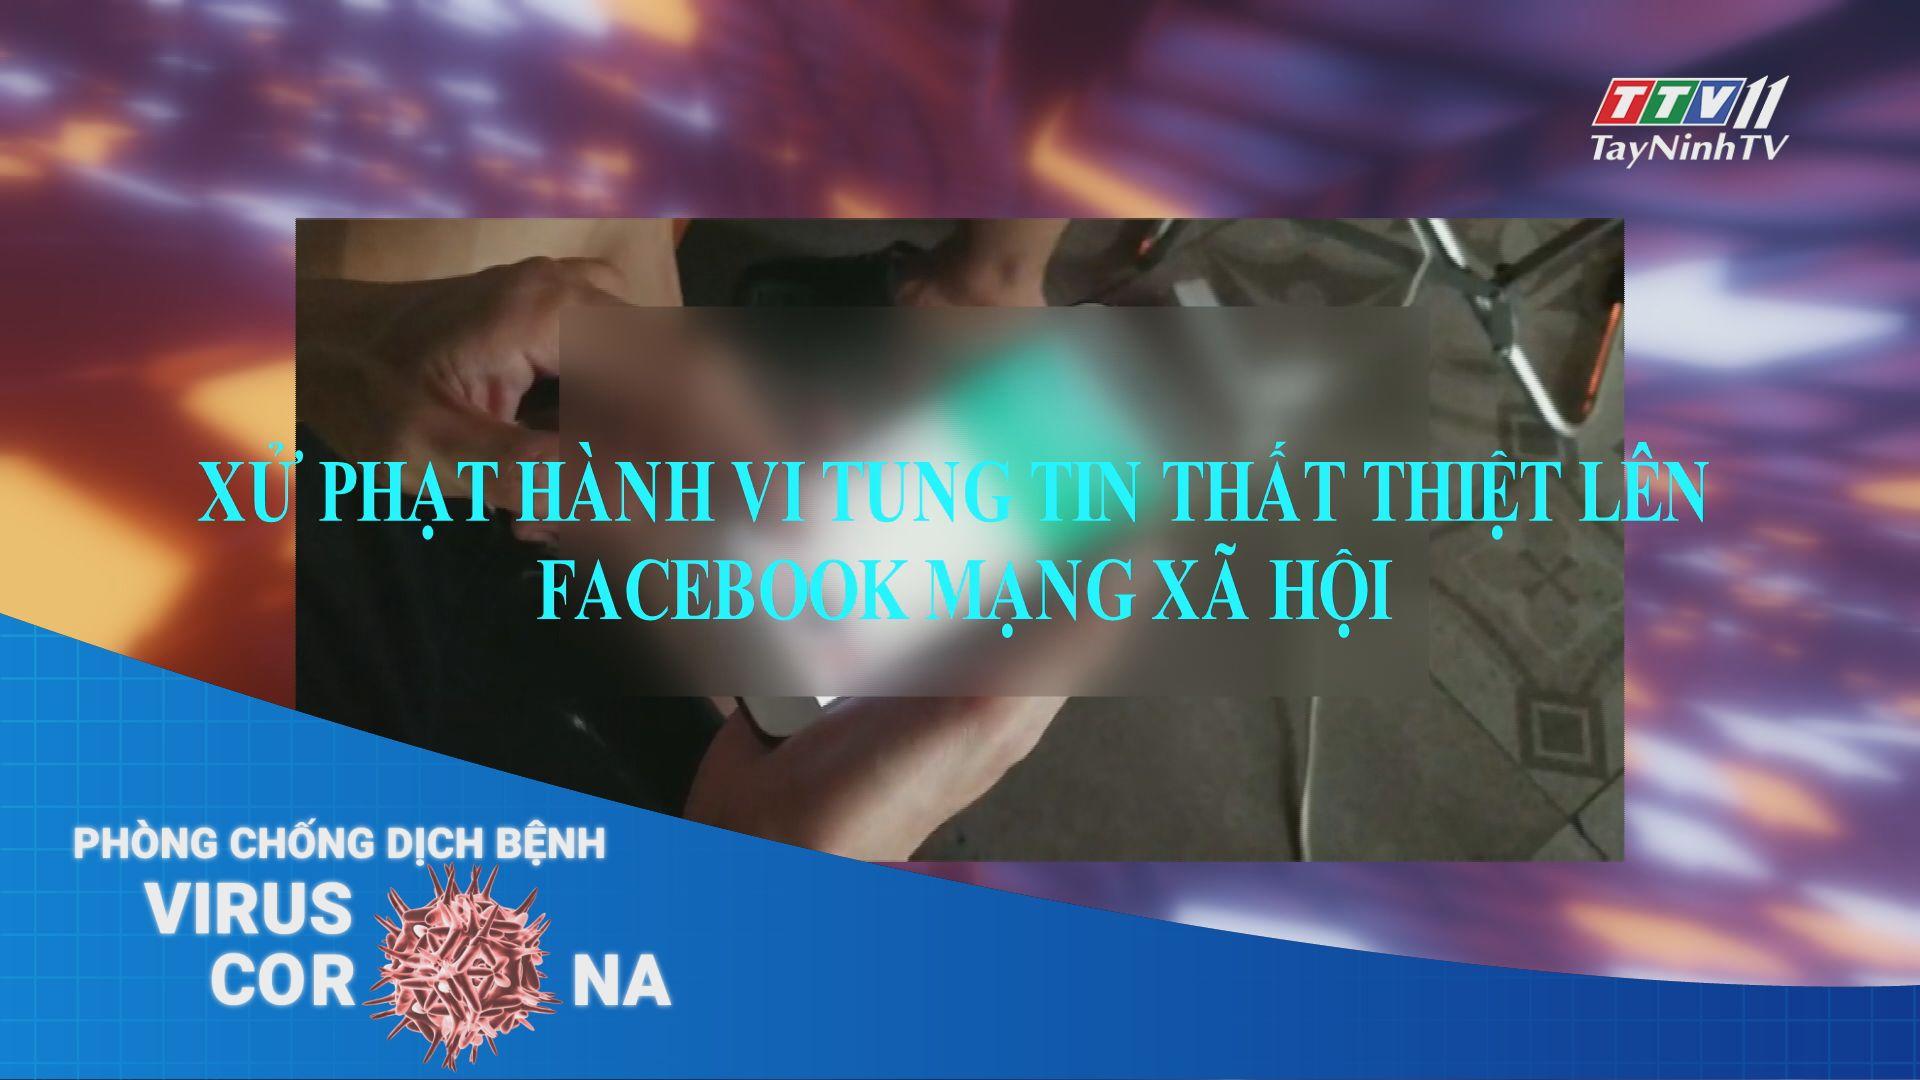 Xử phạt hành vi tung tin thất thiệt lên facebook mạng xã hội | TayNinhTV